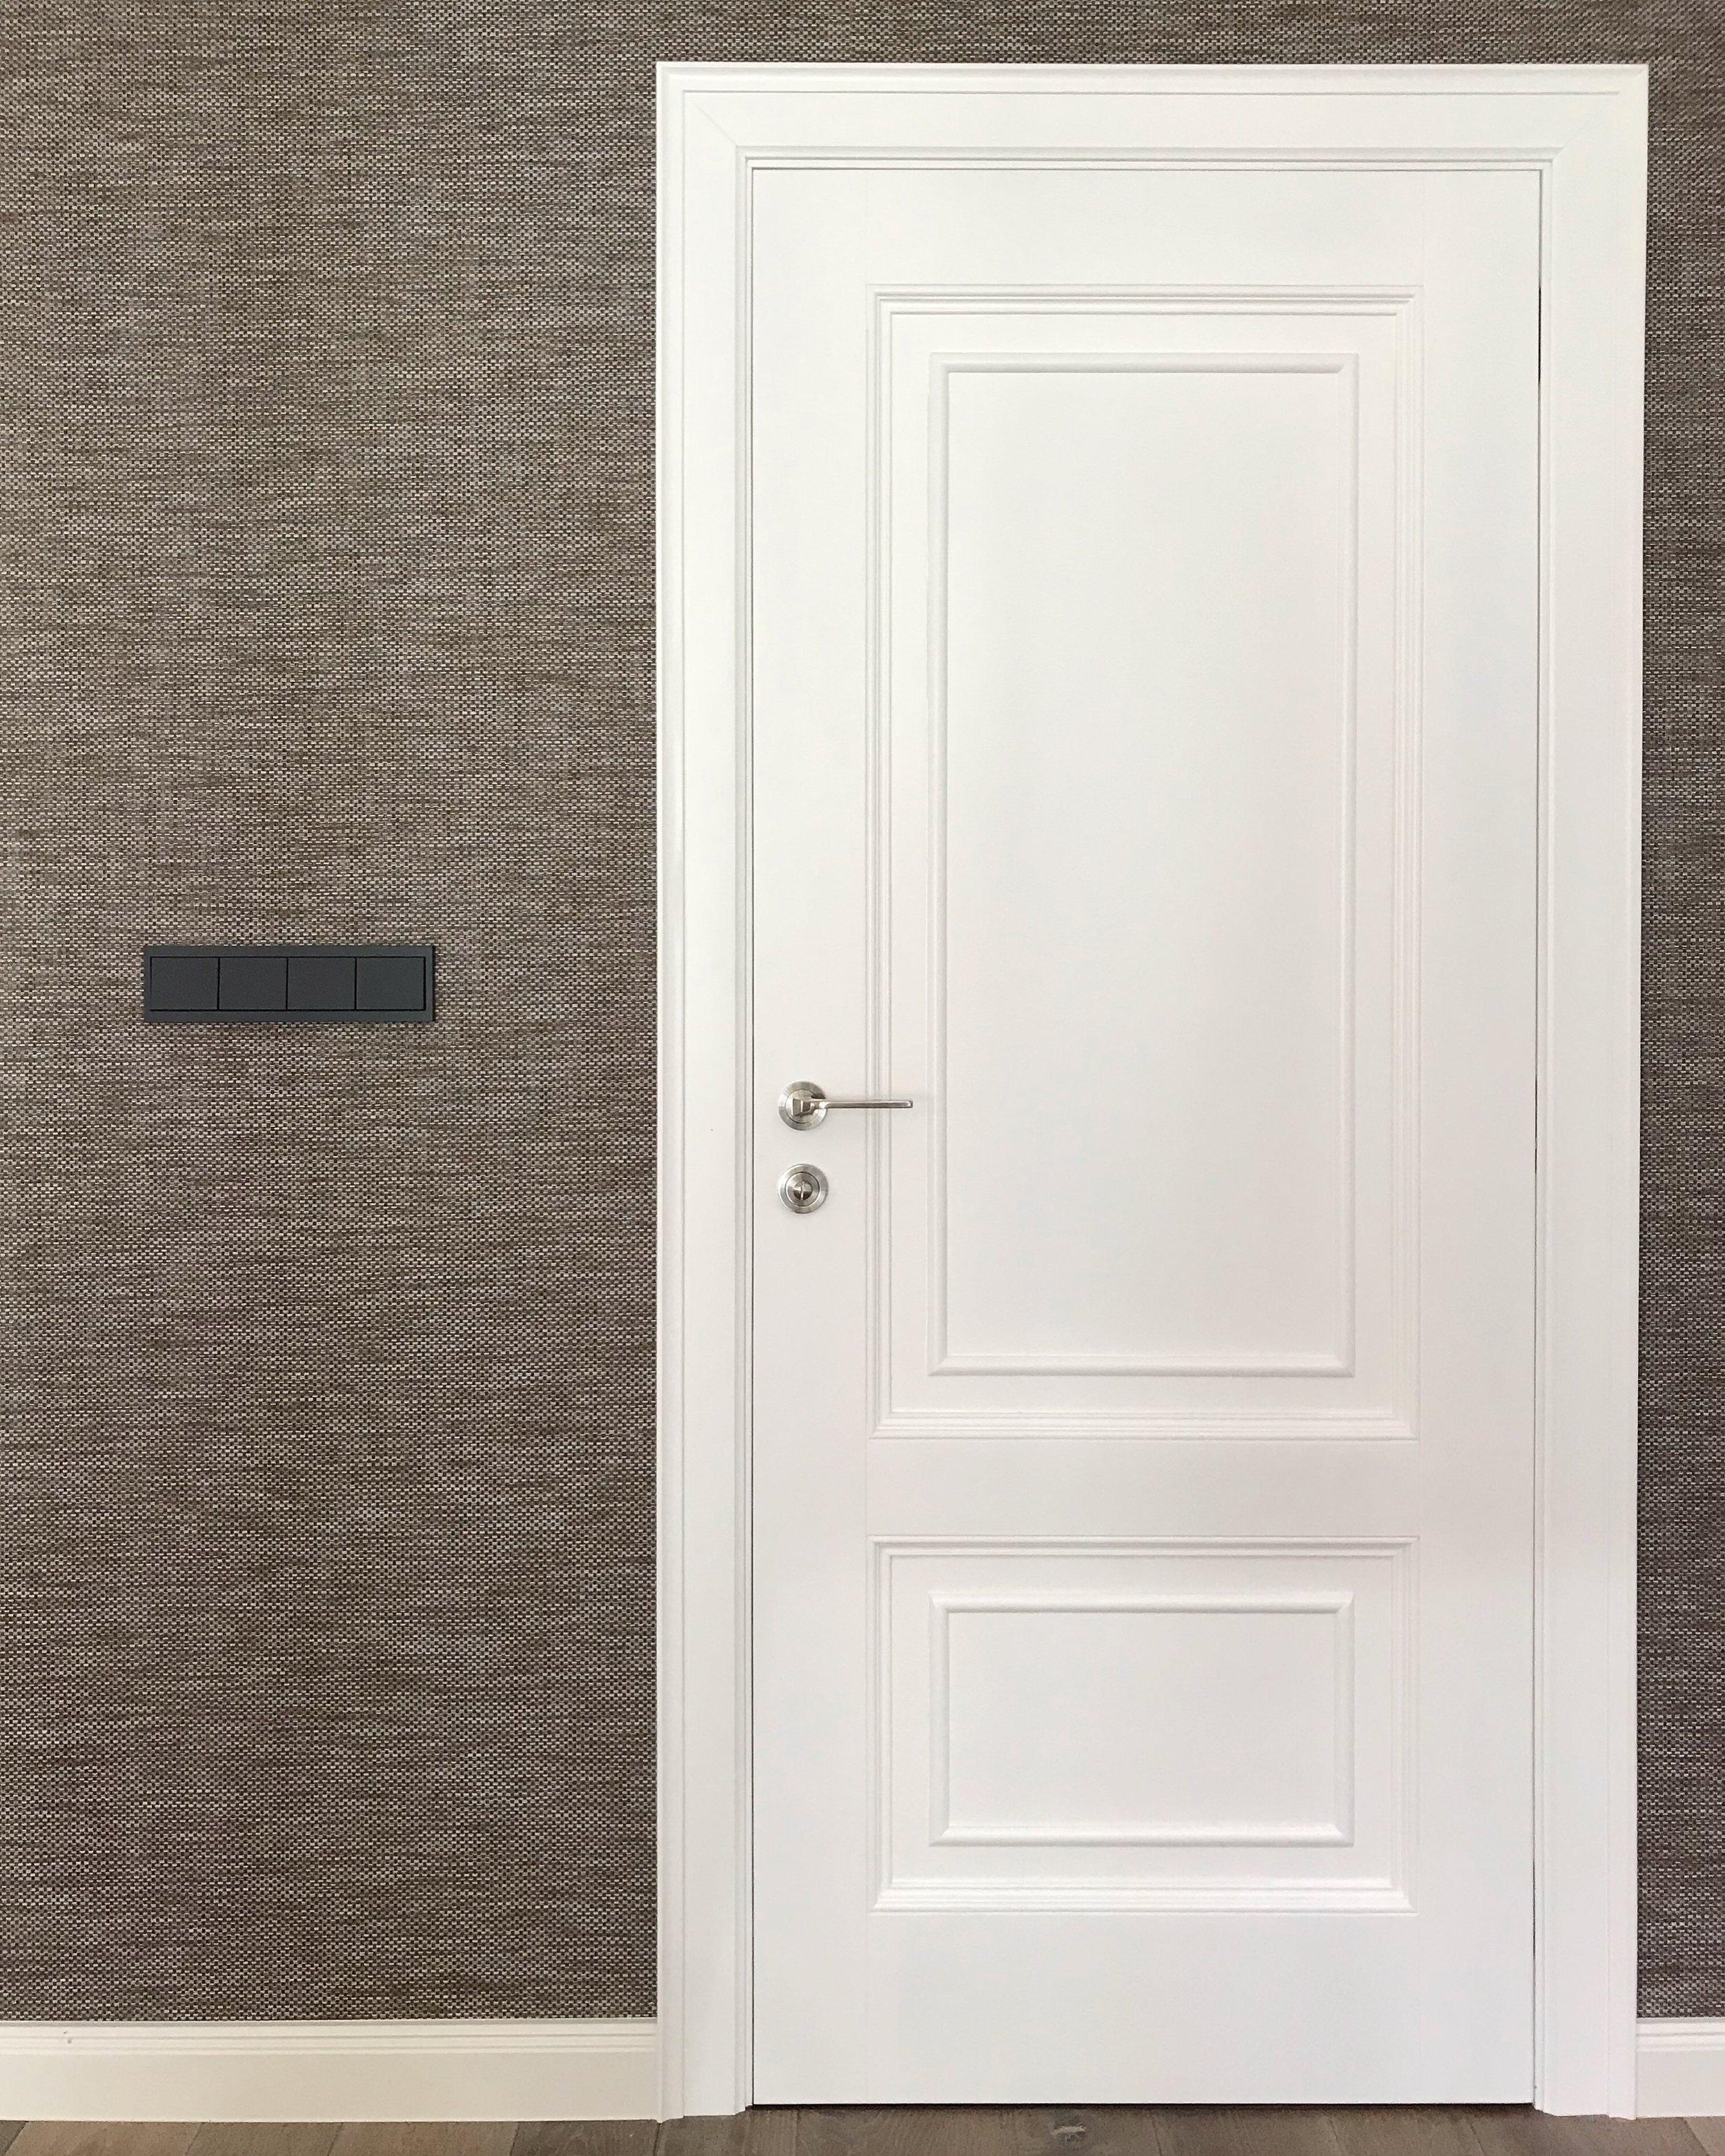 Projekt-DIM-RIVIERA-by-HOUSELOVES-drzwi10.JPG